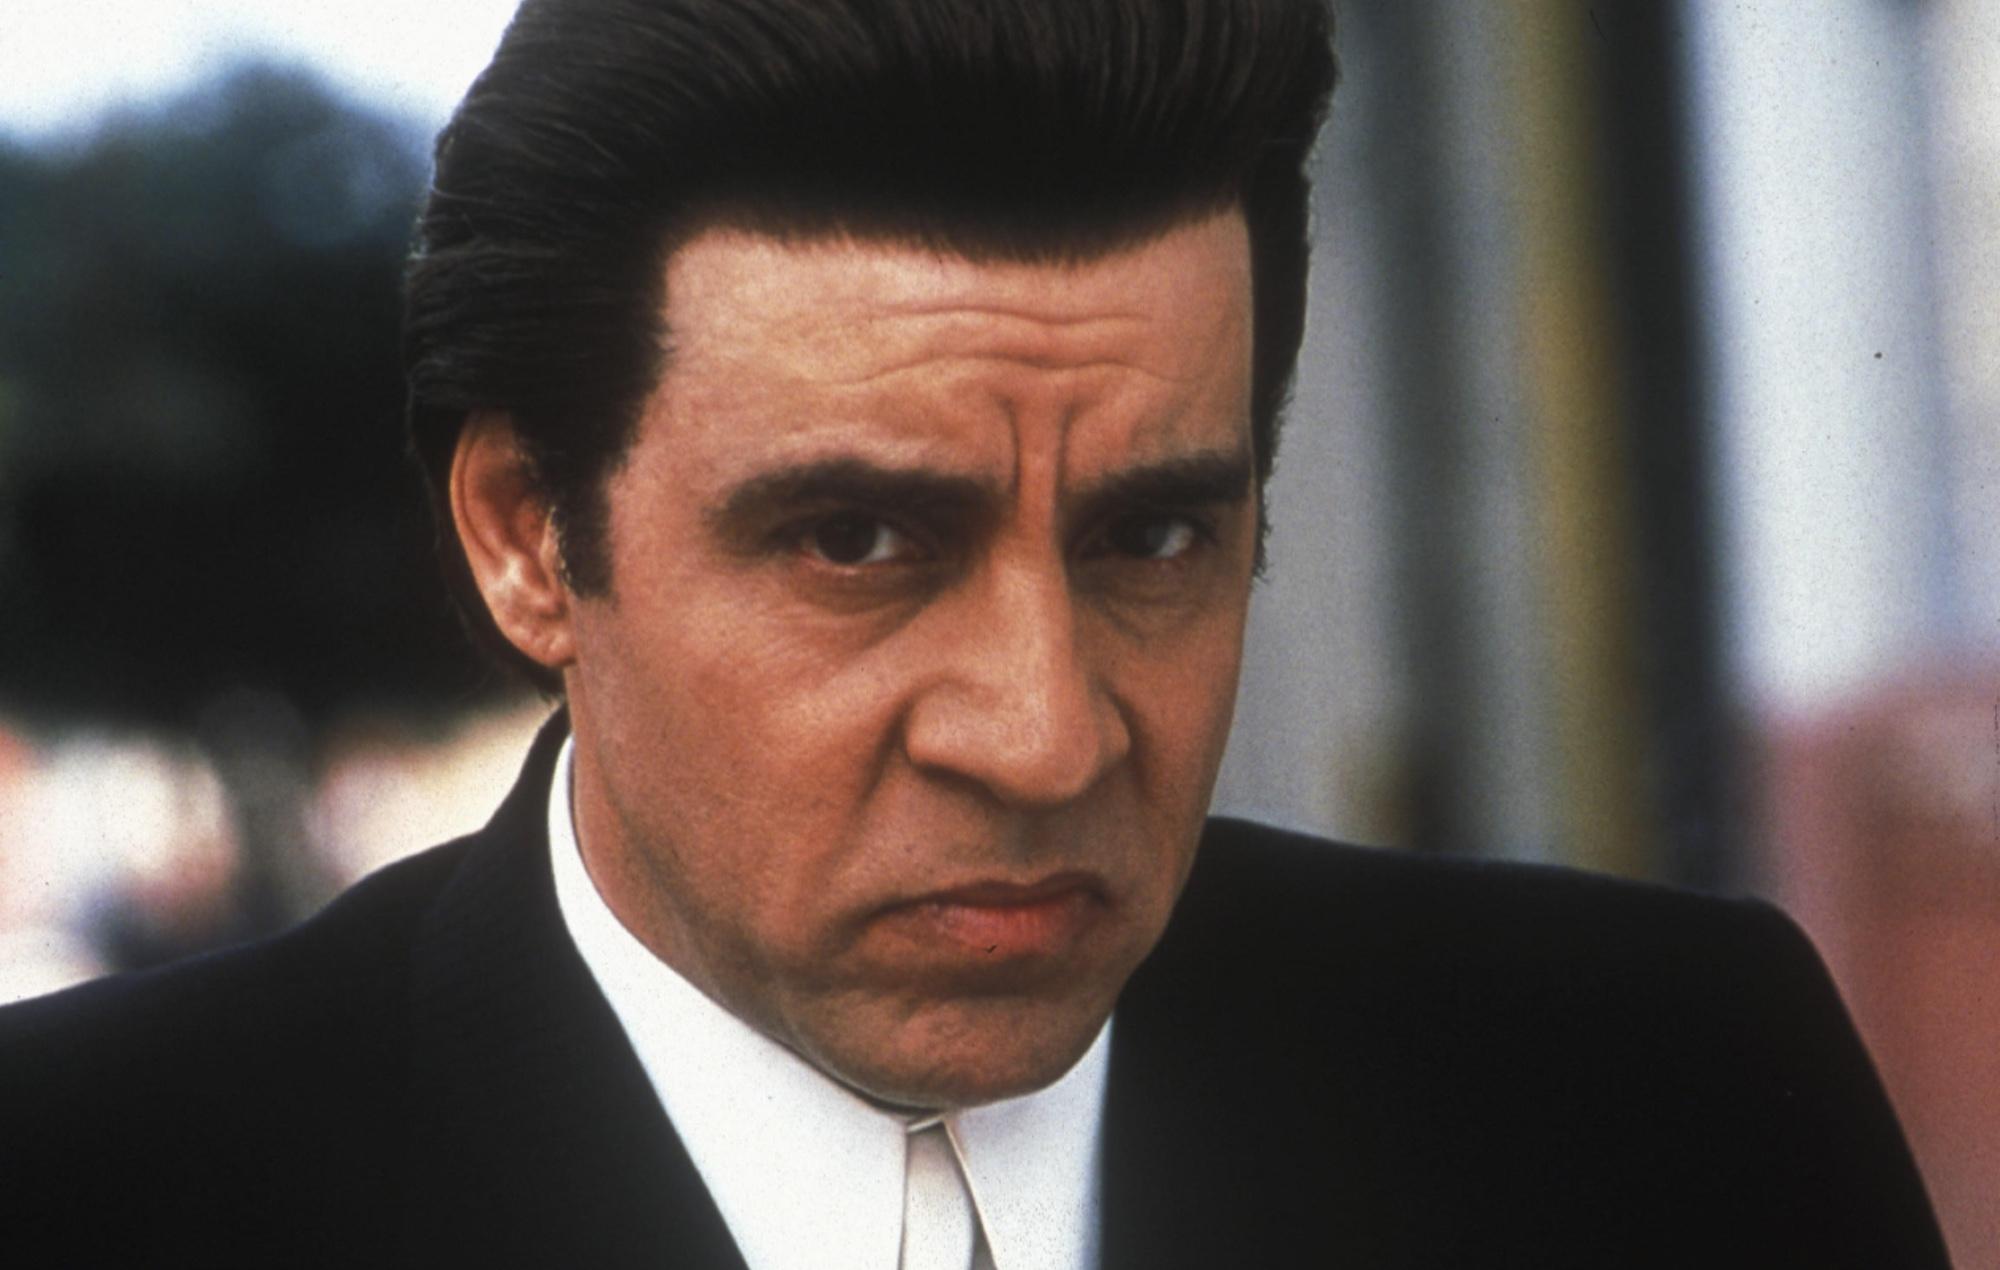 Steven Van Zandt in The Sopranos